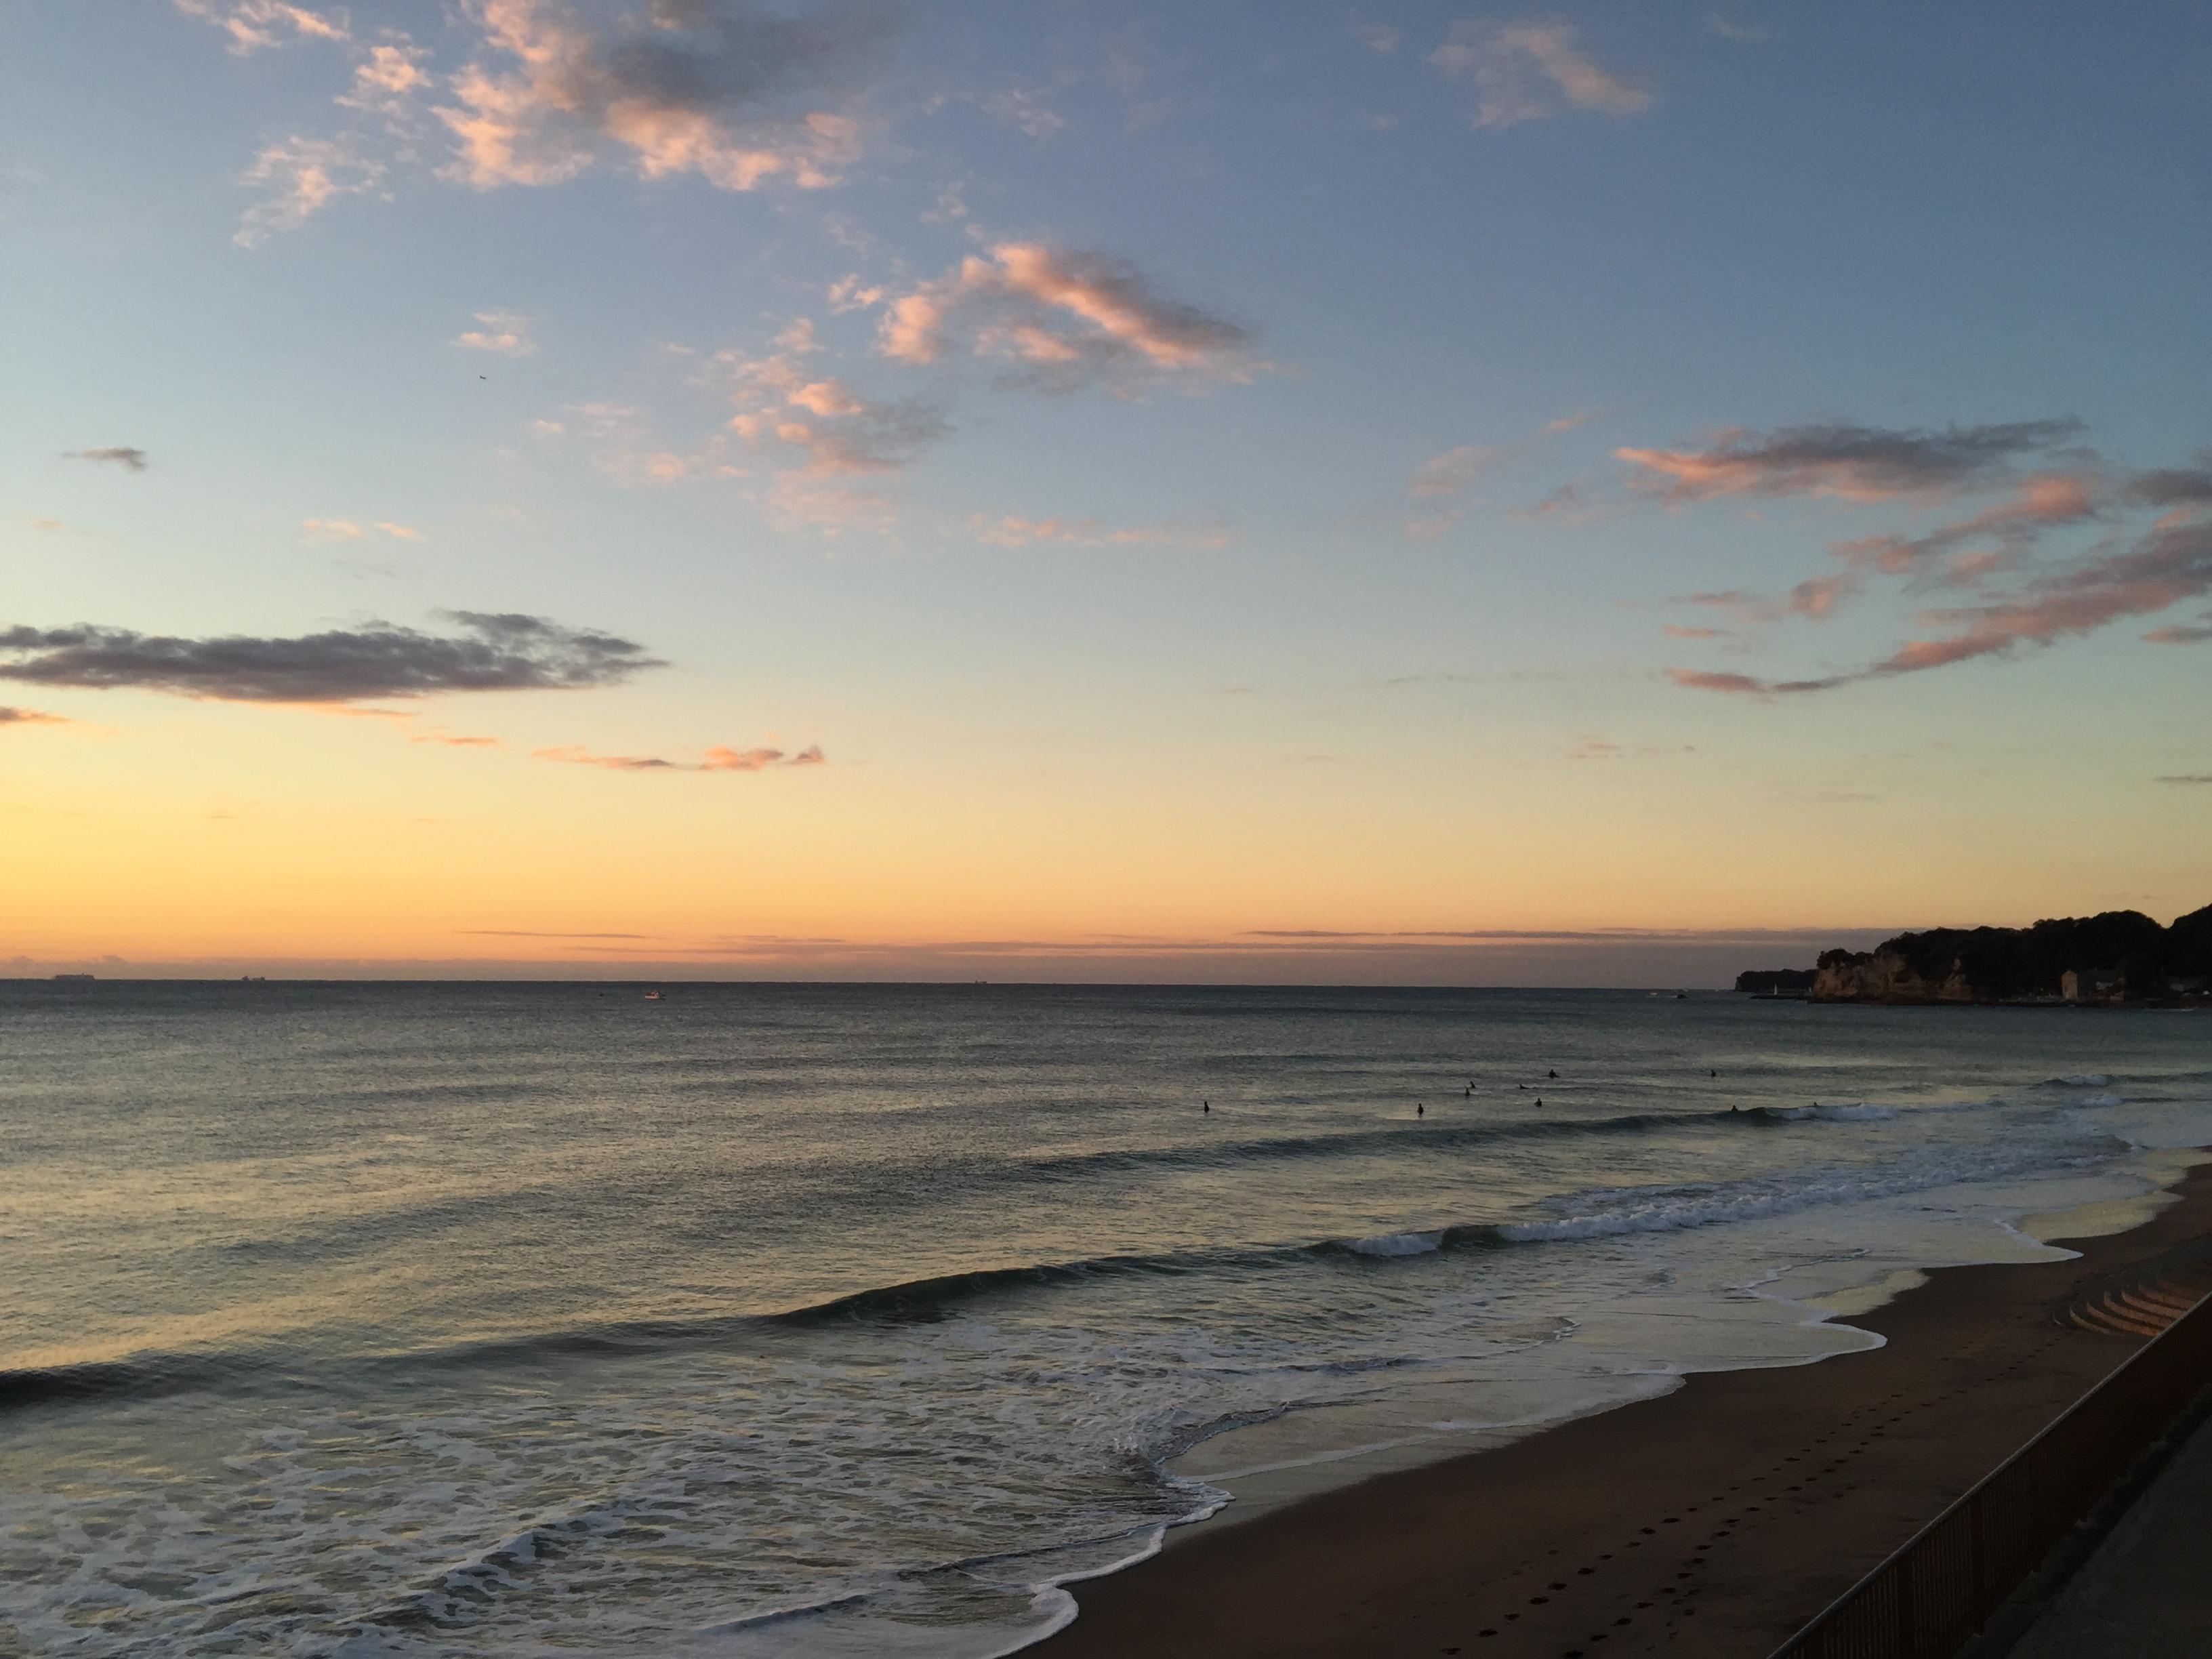 【2019.5.23】千葉の波は落ち着くも朝はまだややハード、今週末は期待できそう!